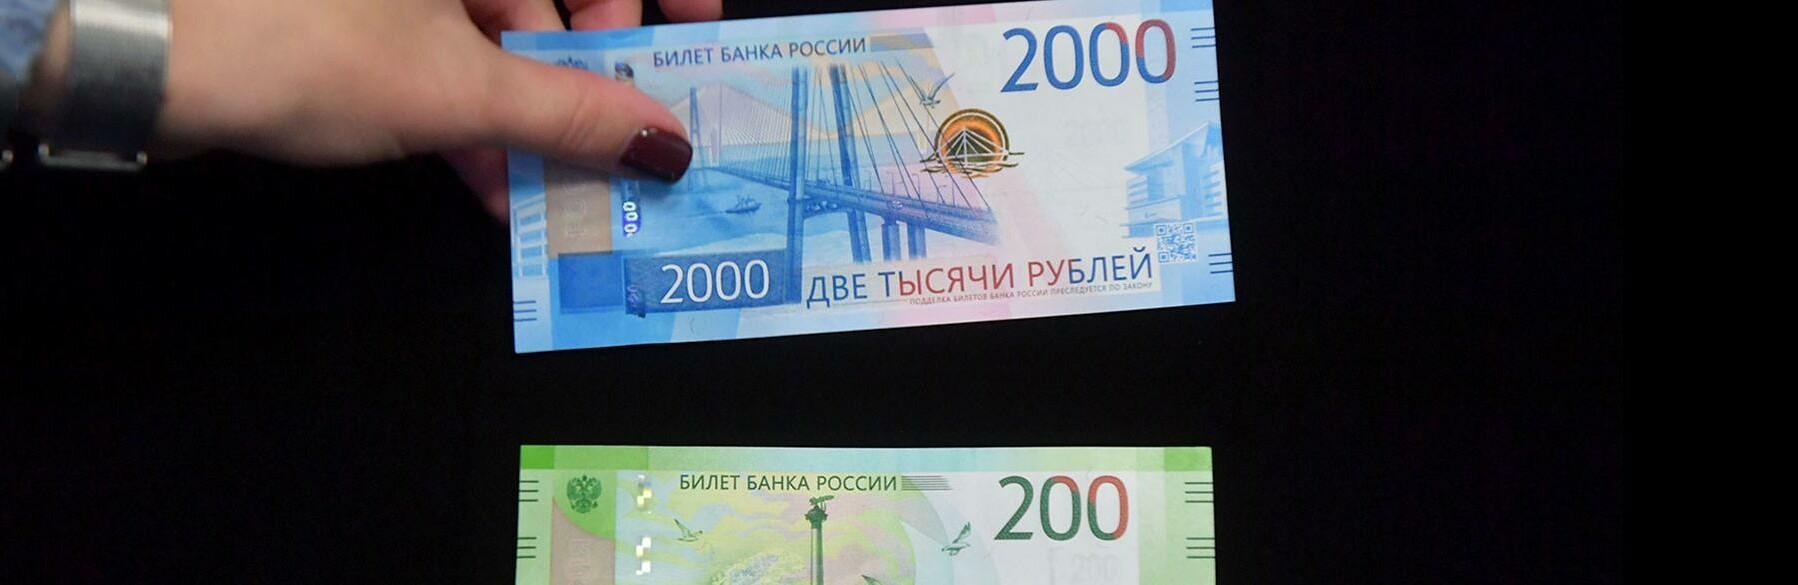 Камчатских продавцов научат распознавать подлинные купюры